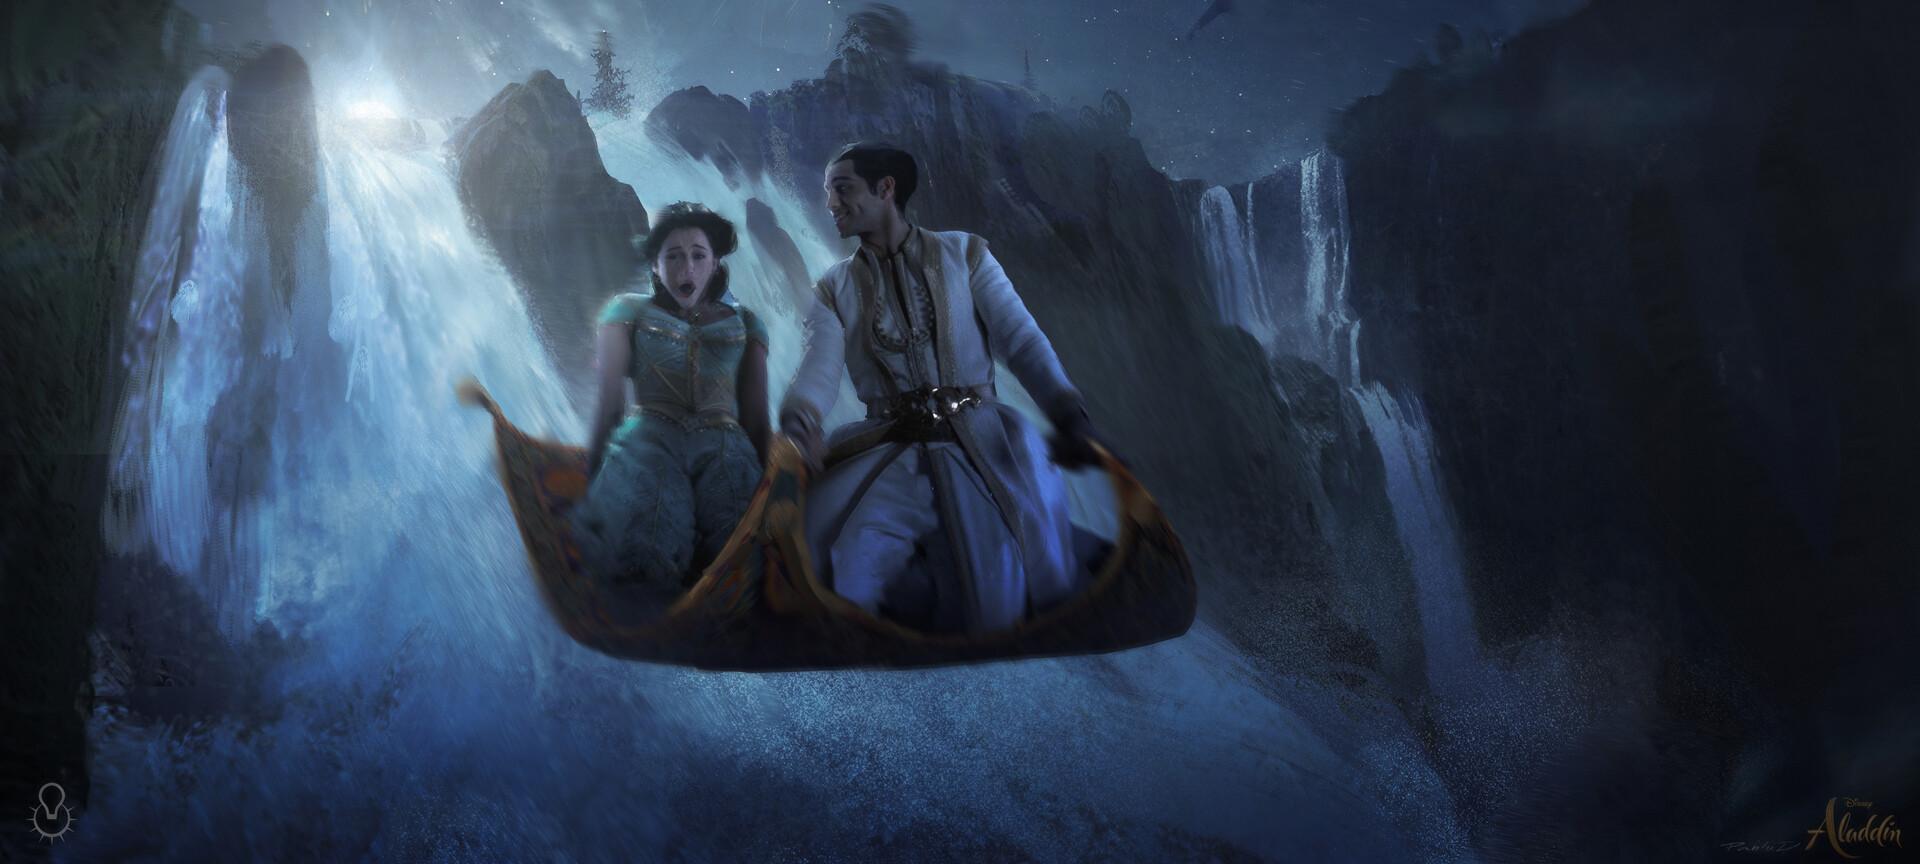 Aladdin [Disney - 2019] - Page 43 Pablo-dominguez-sl-wnw-25-waterfall-002-pd-1002